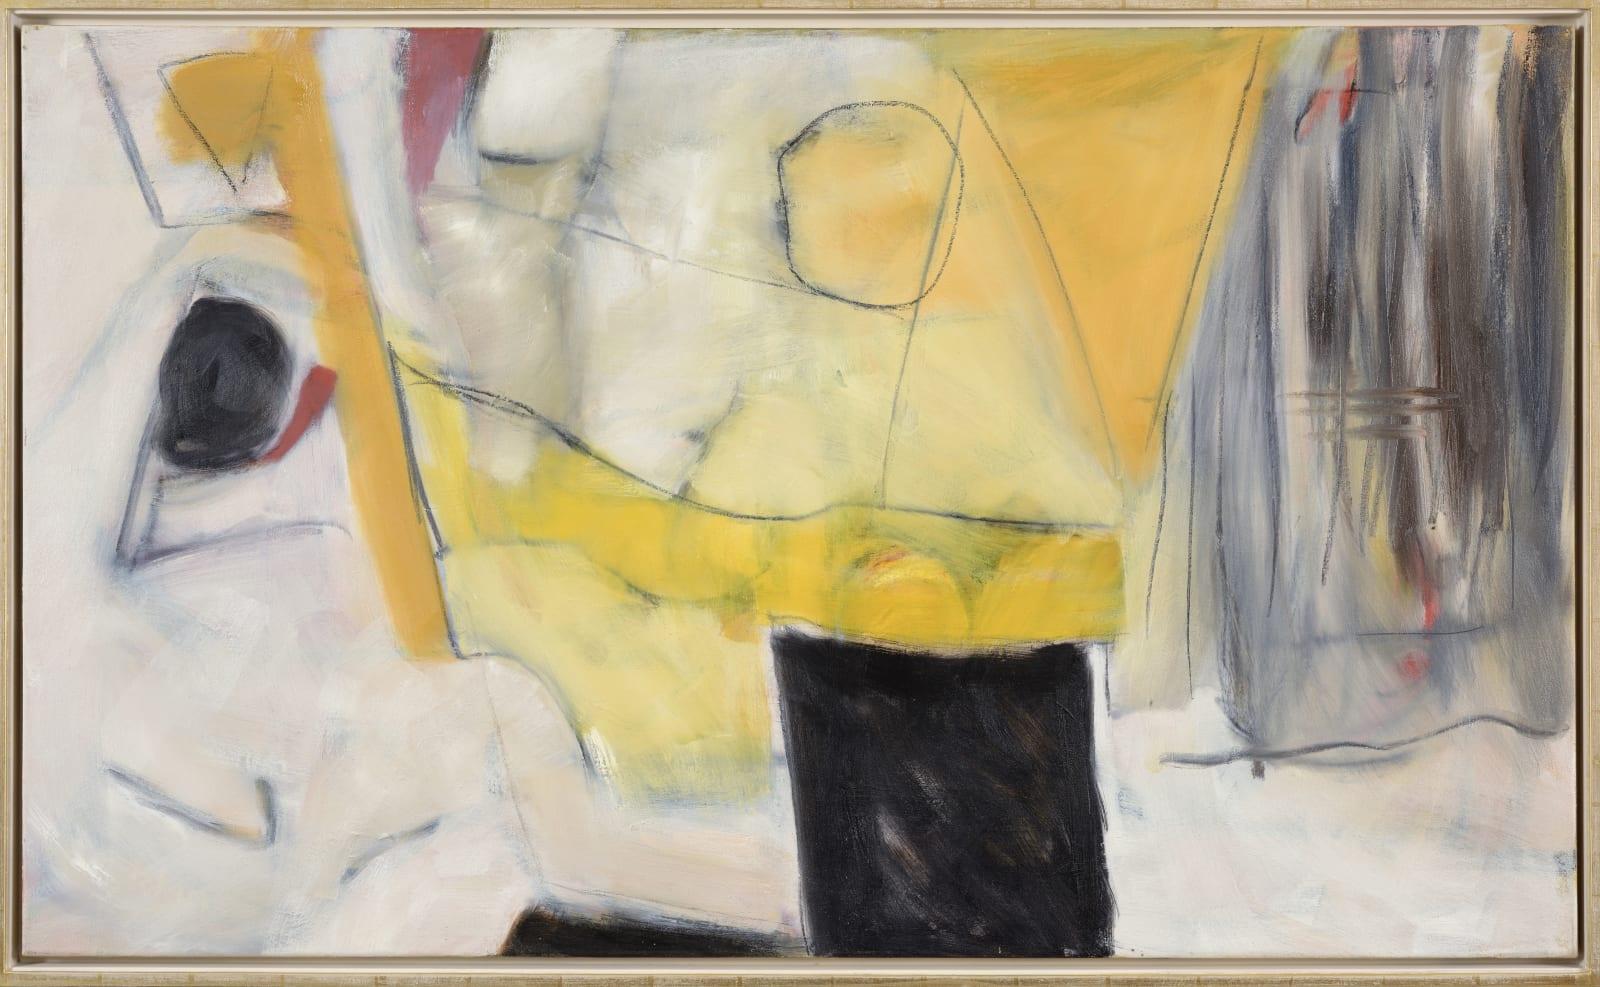 Frank Phelan, The Dialogue 2001